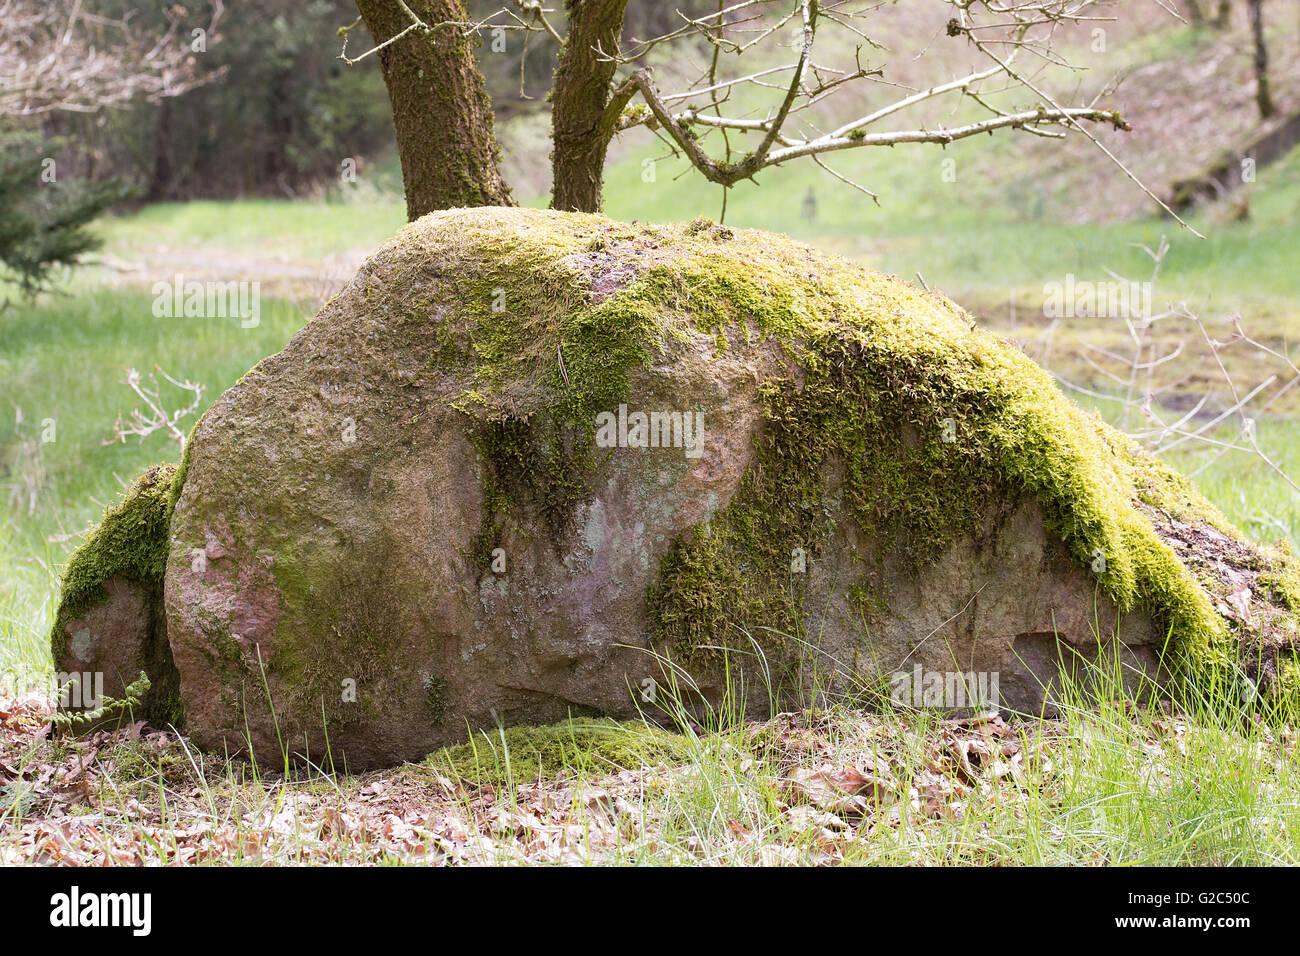 Großer Stein mit Moos bewachsen an einem Waldrand  Big stone overgrown with moss on a forest edge Stock Photo